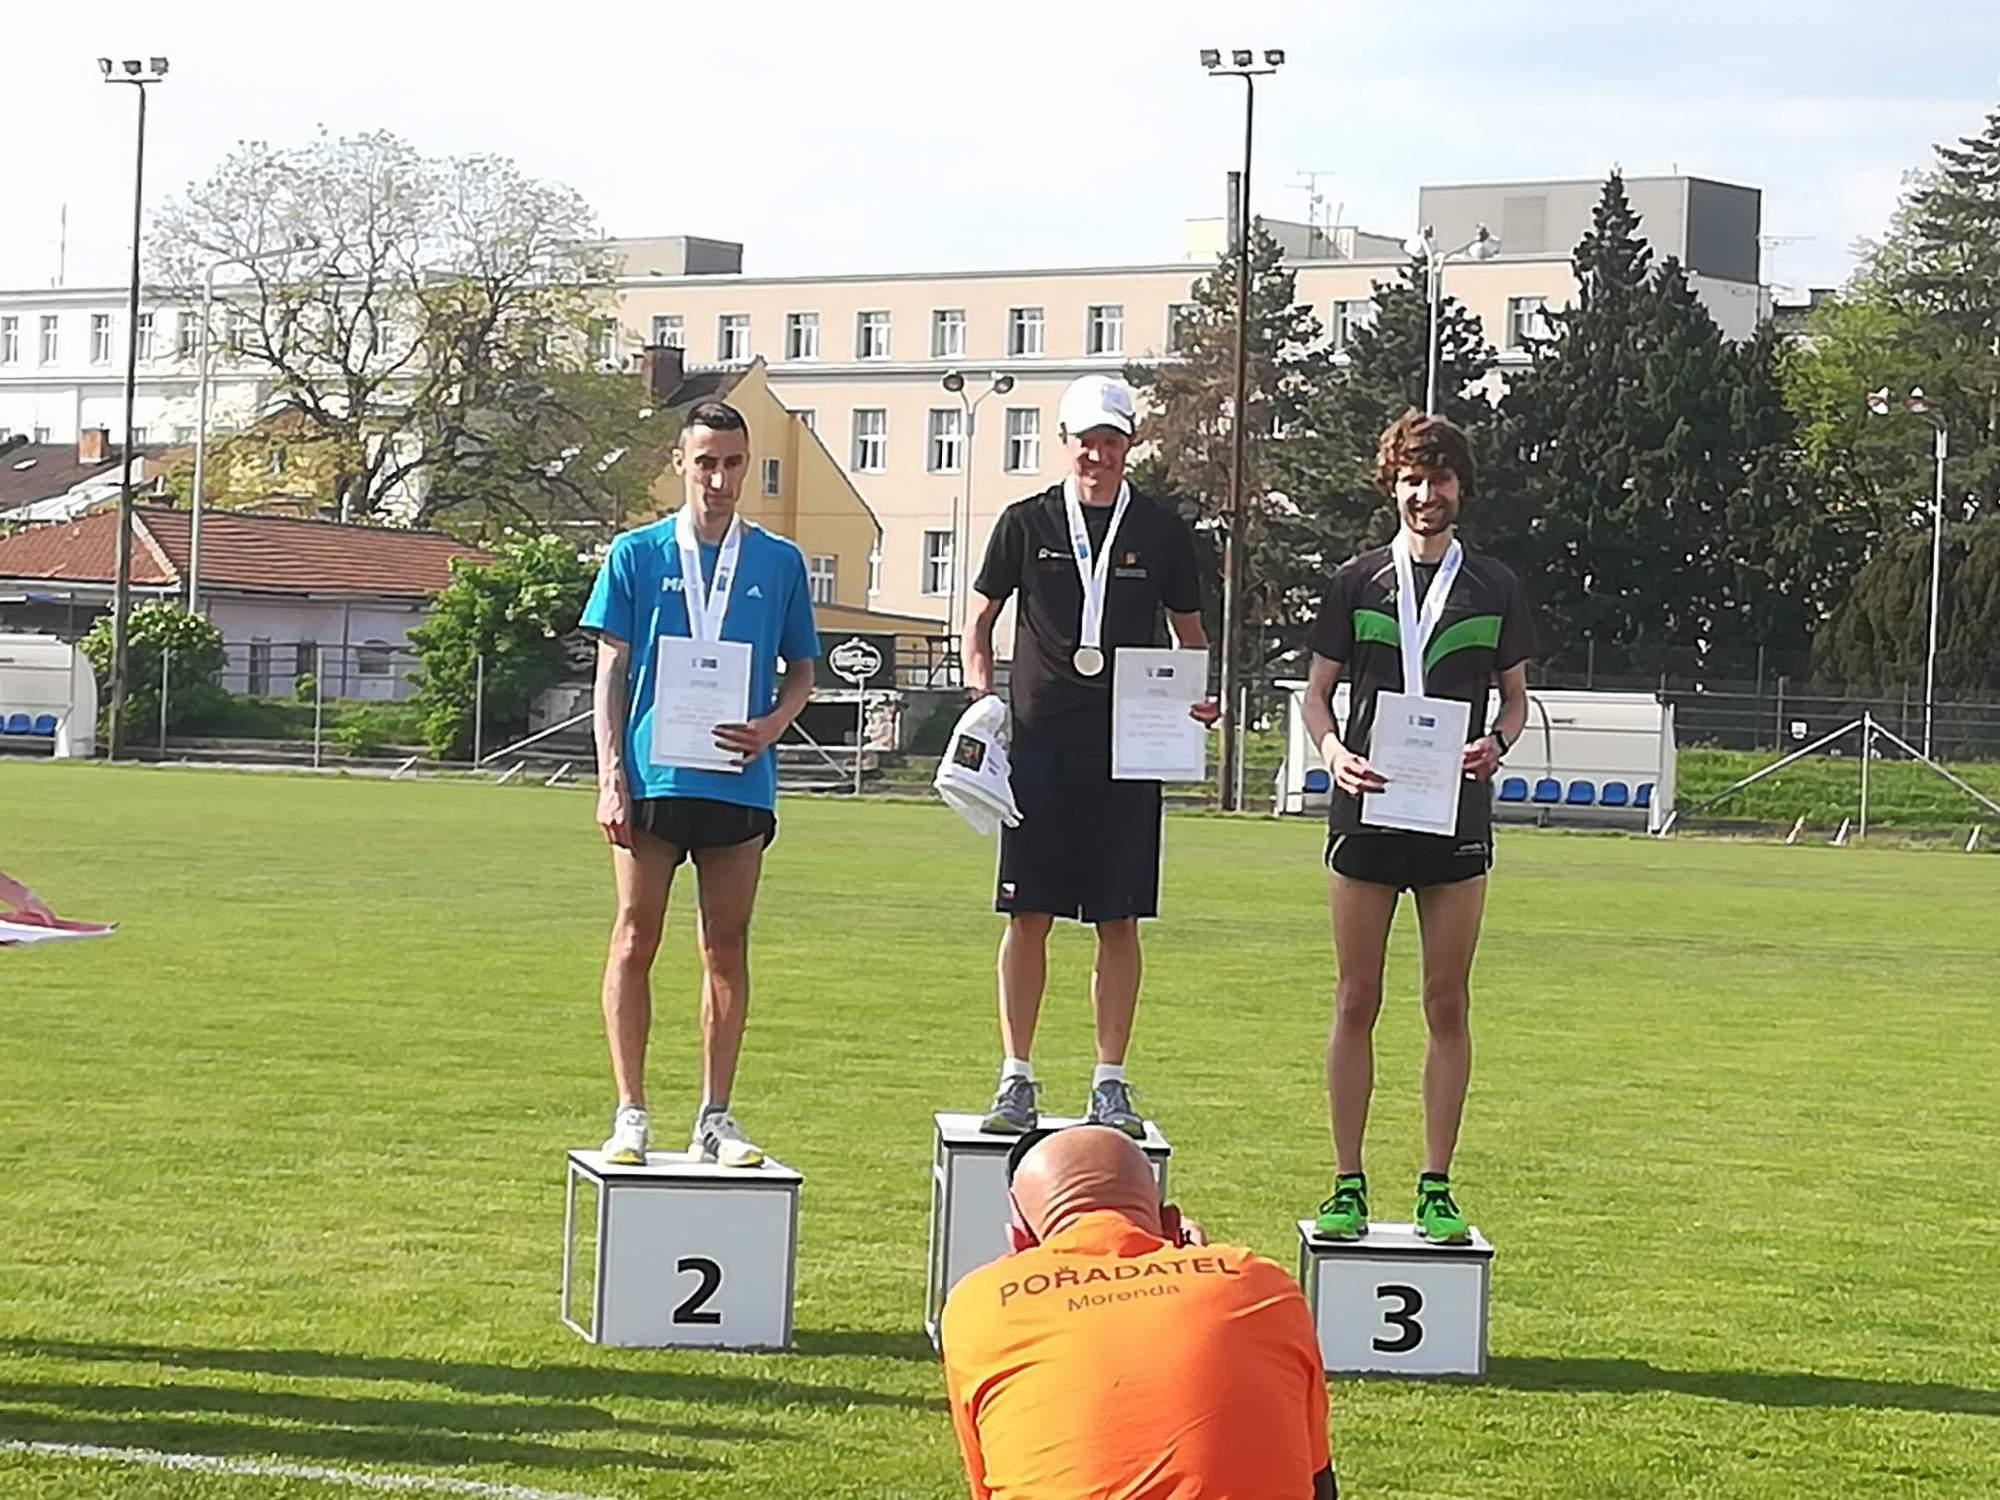 Nejlepší závodníci mužské kategorii běhu na 10 kilometrů. Foto: Tereza Čaladi